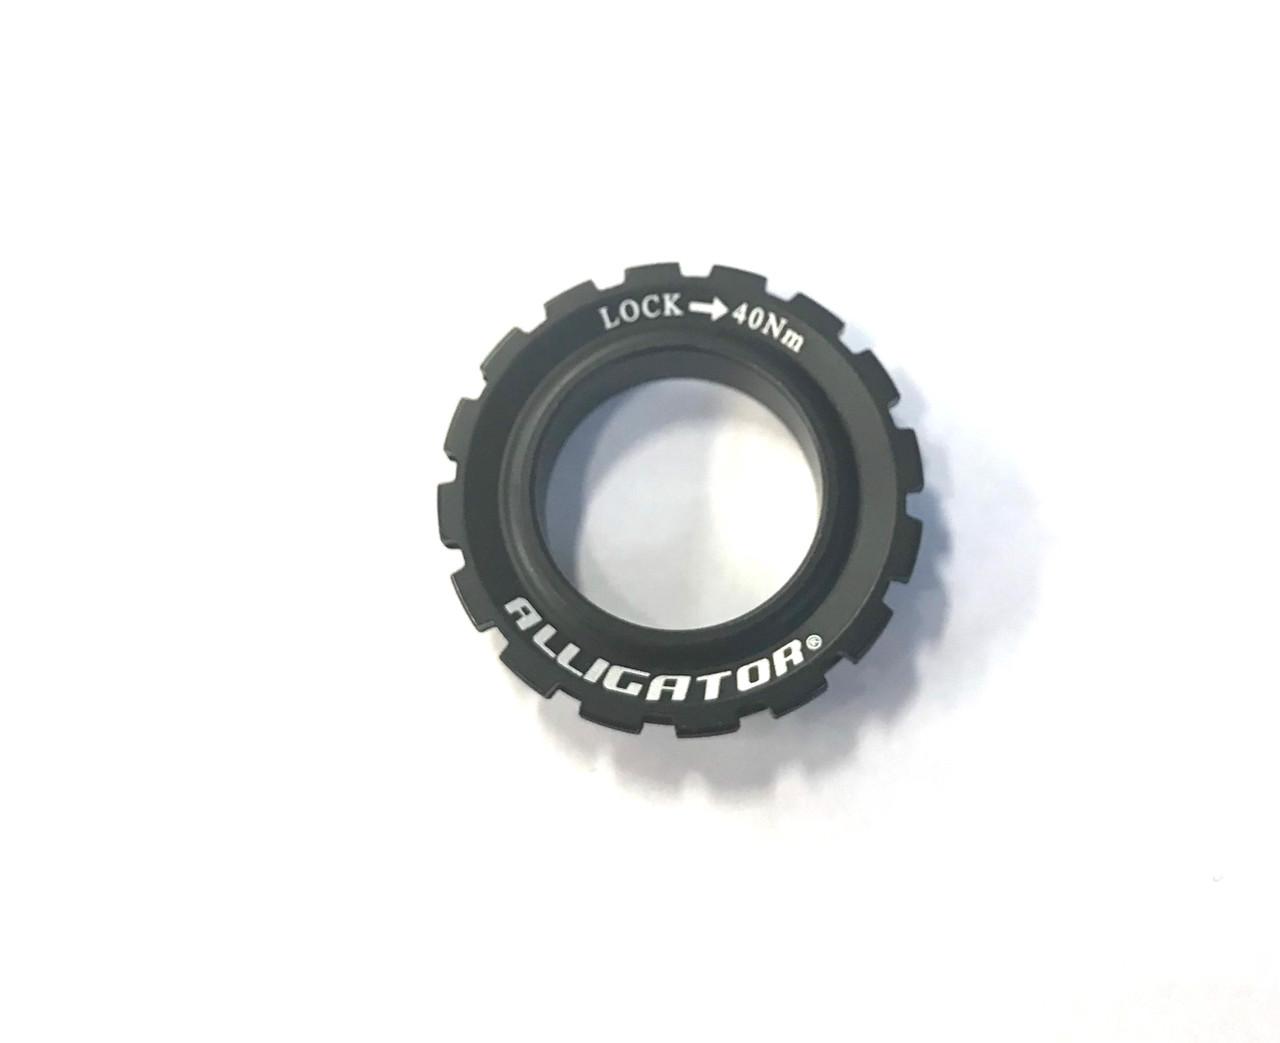 Alligator CLA-02 Disc Alloy Lockring For 12,15 & 20mm Thru-Axle Hub In Black